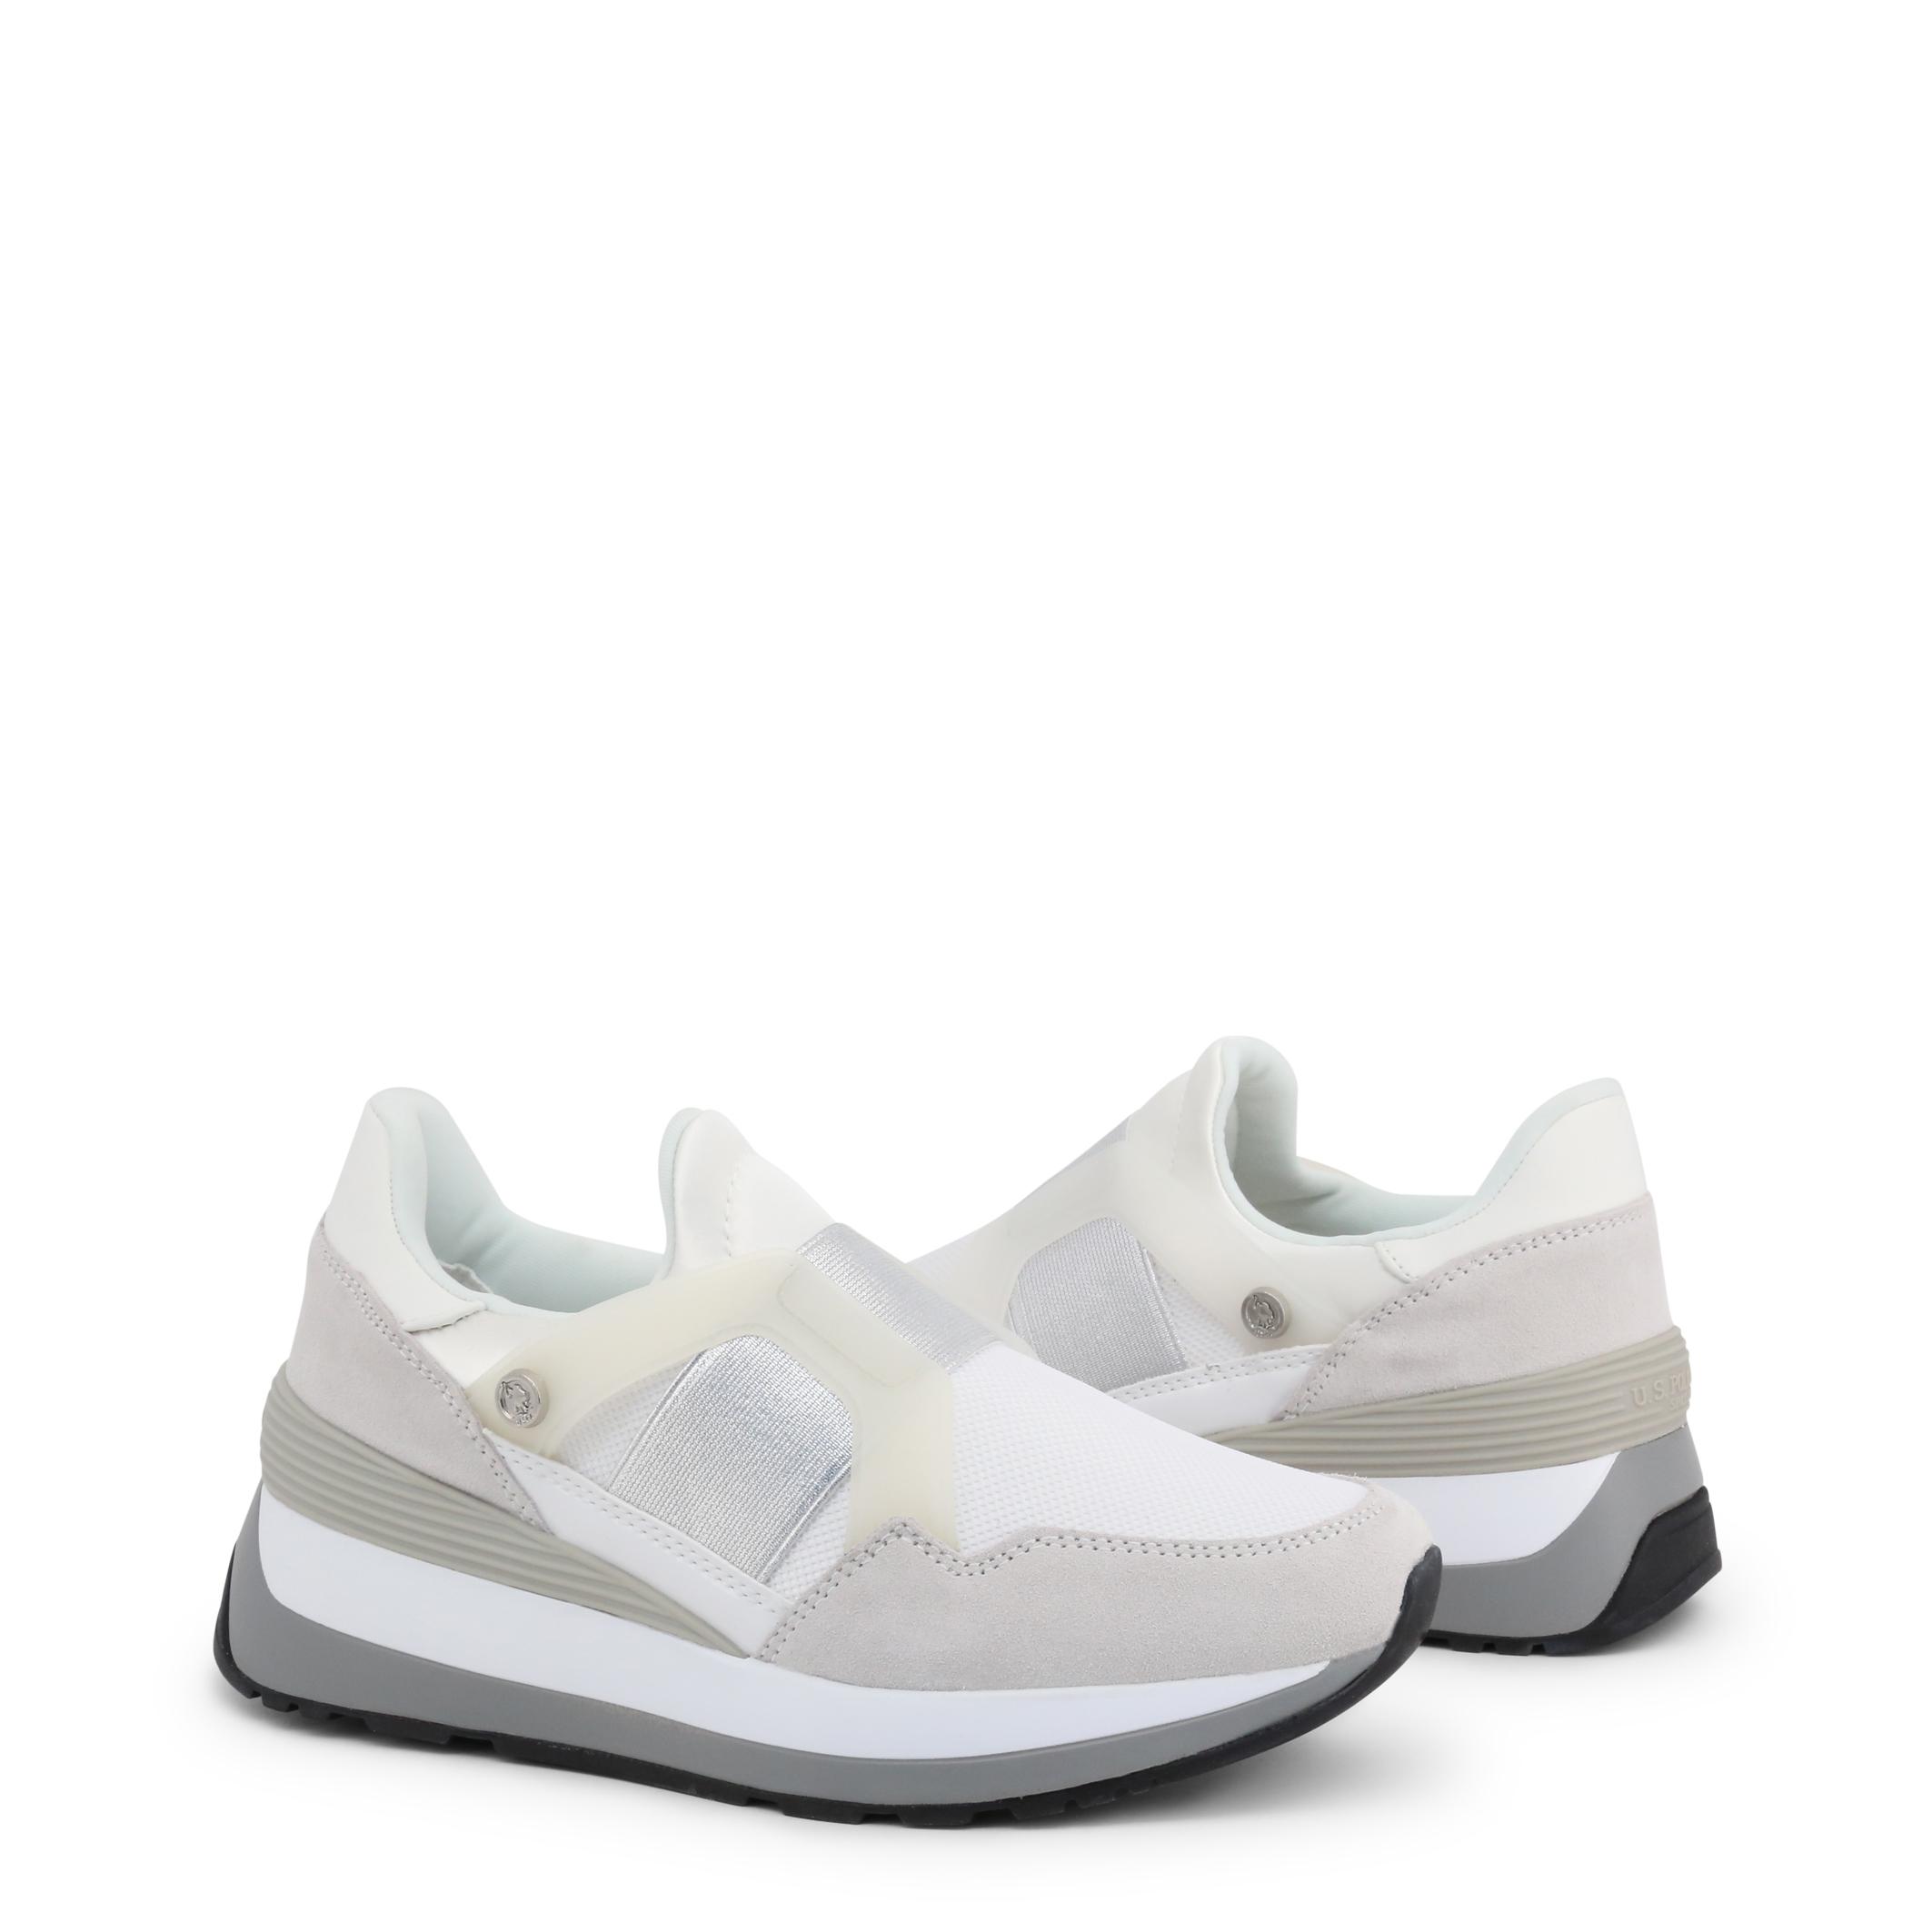 Baskets / Sneakers  U.S. Polo Assn. YLA4090W9_TS2_WHI white